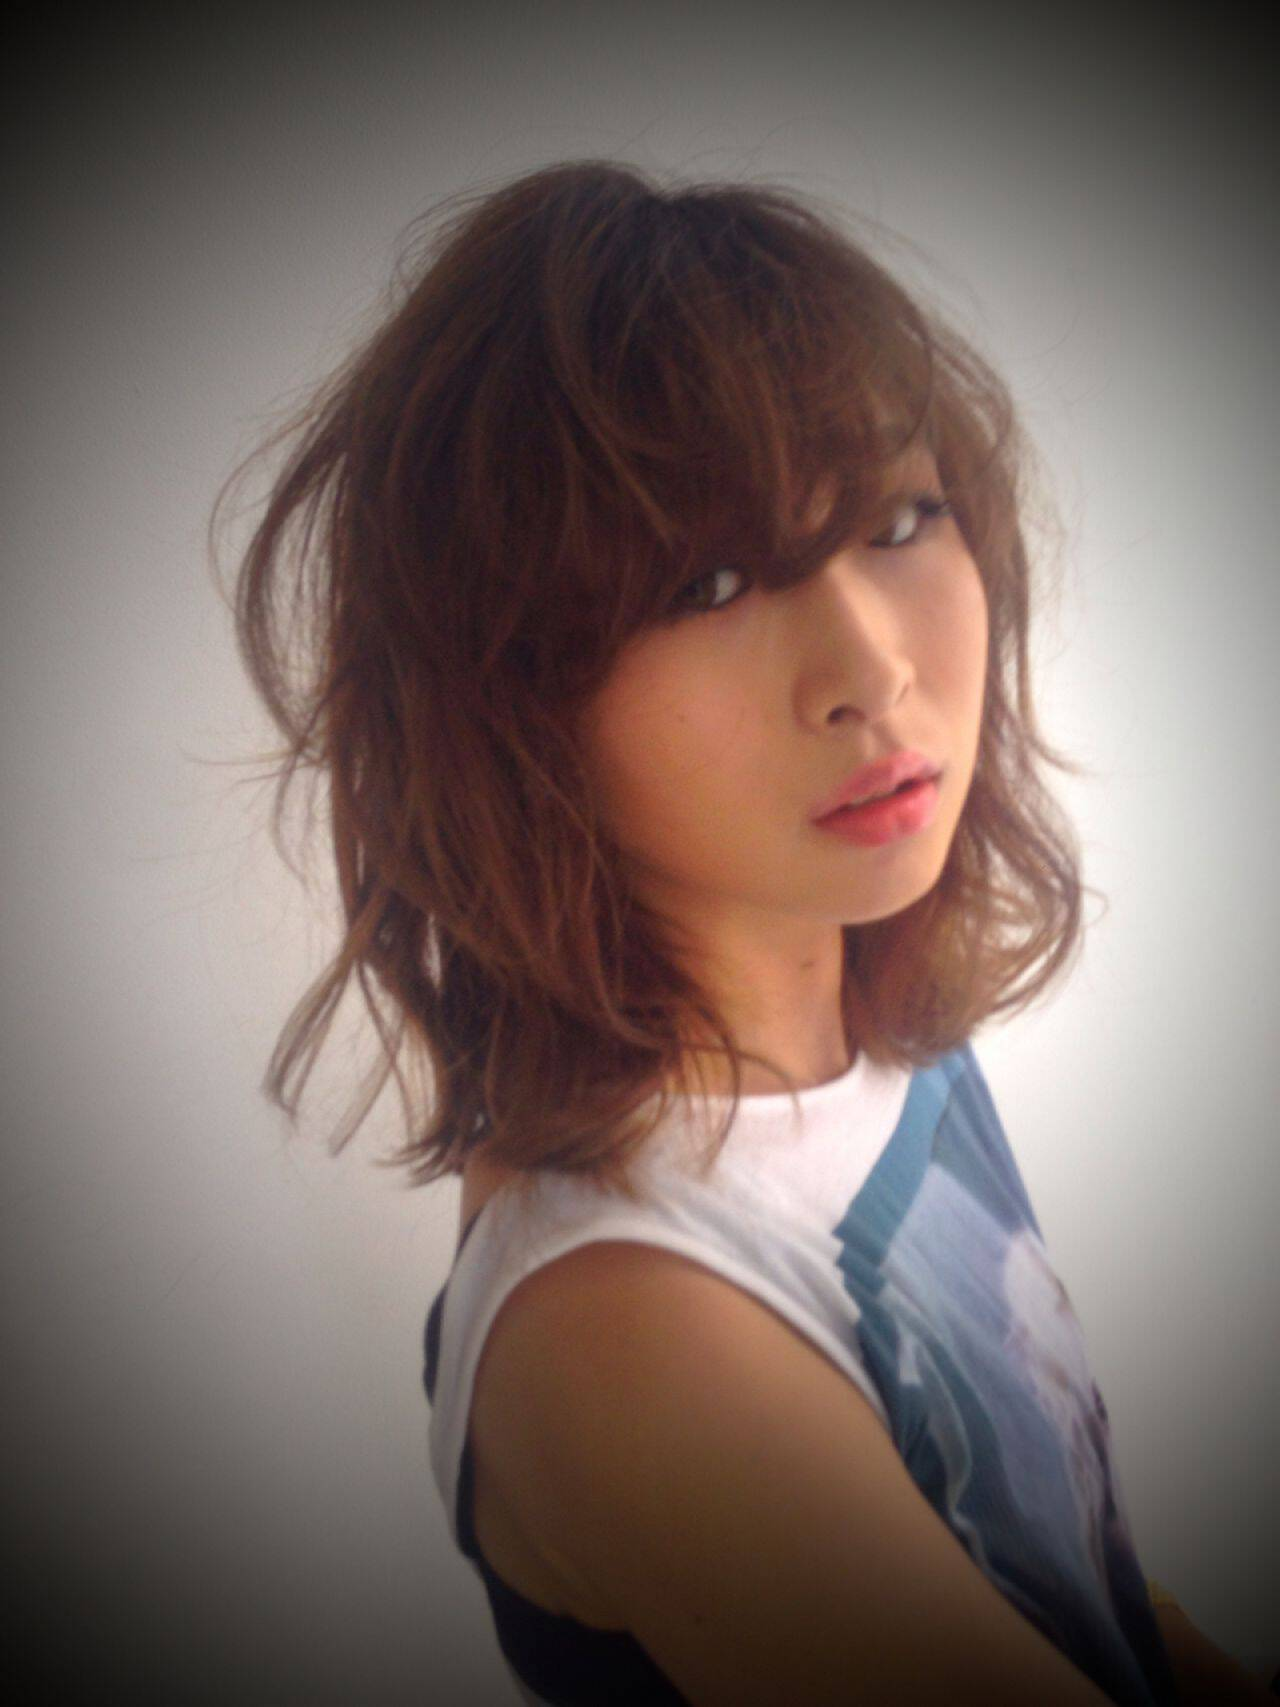 ミディアム モテ髪 大人かわいい フェミニンヘアスタイルや髪型の写真・画像